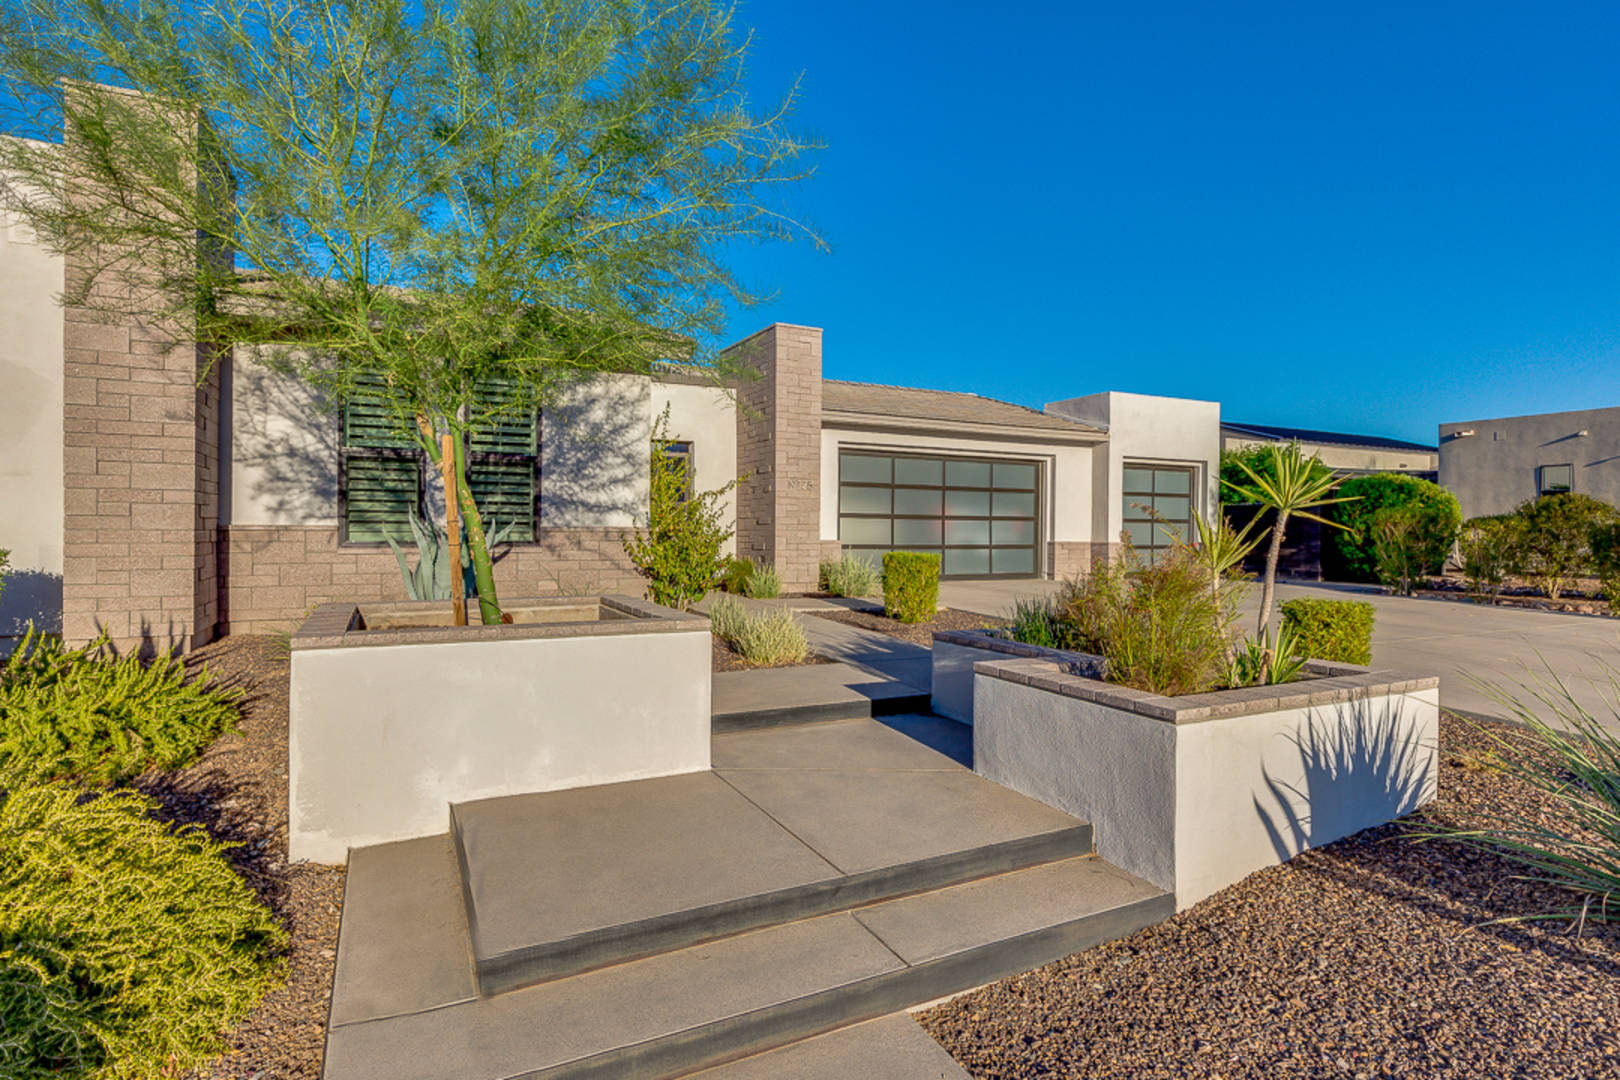 19725 N 39th Dr Glendale, AZ 85308